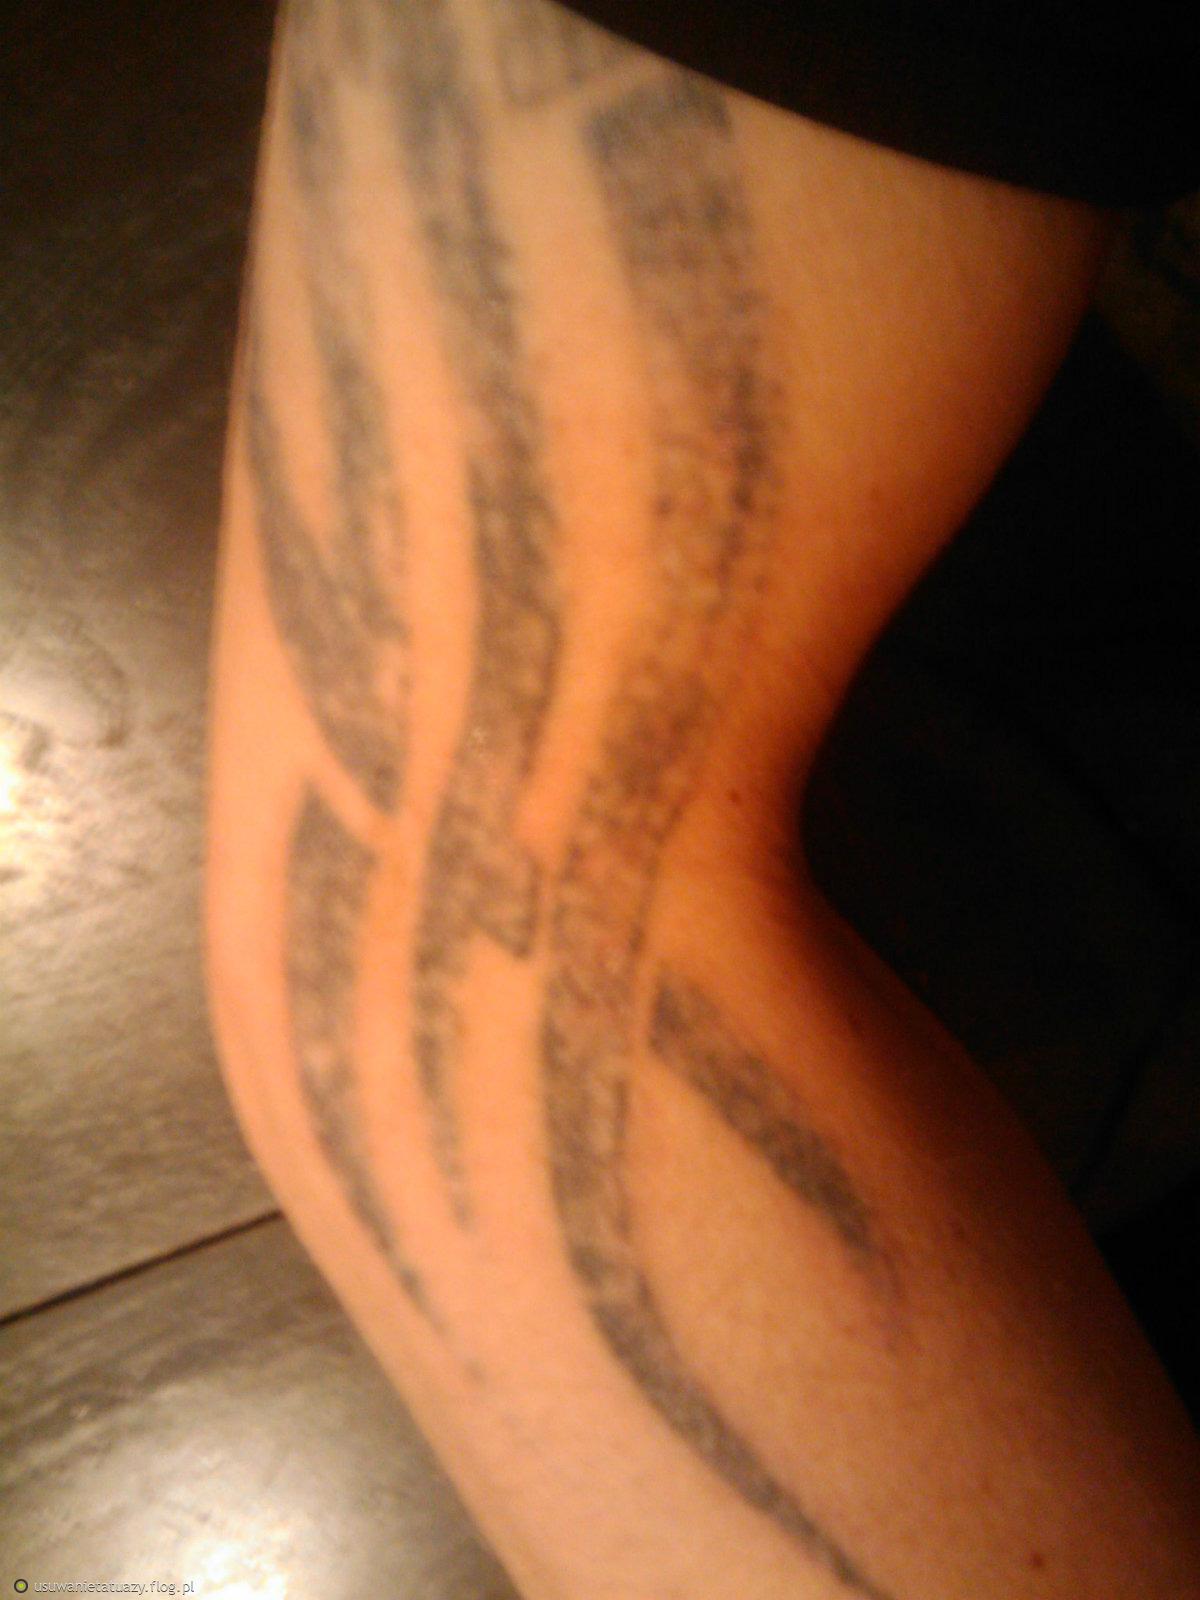 usuwanie tatuażu kolejny zabieg - ręka